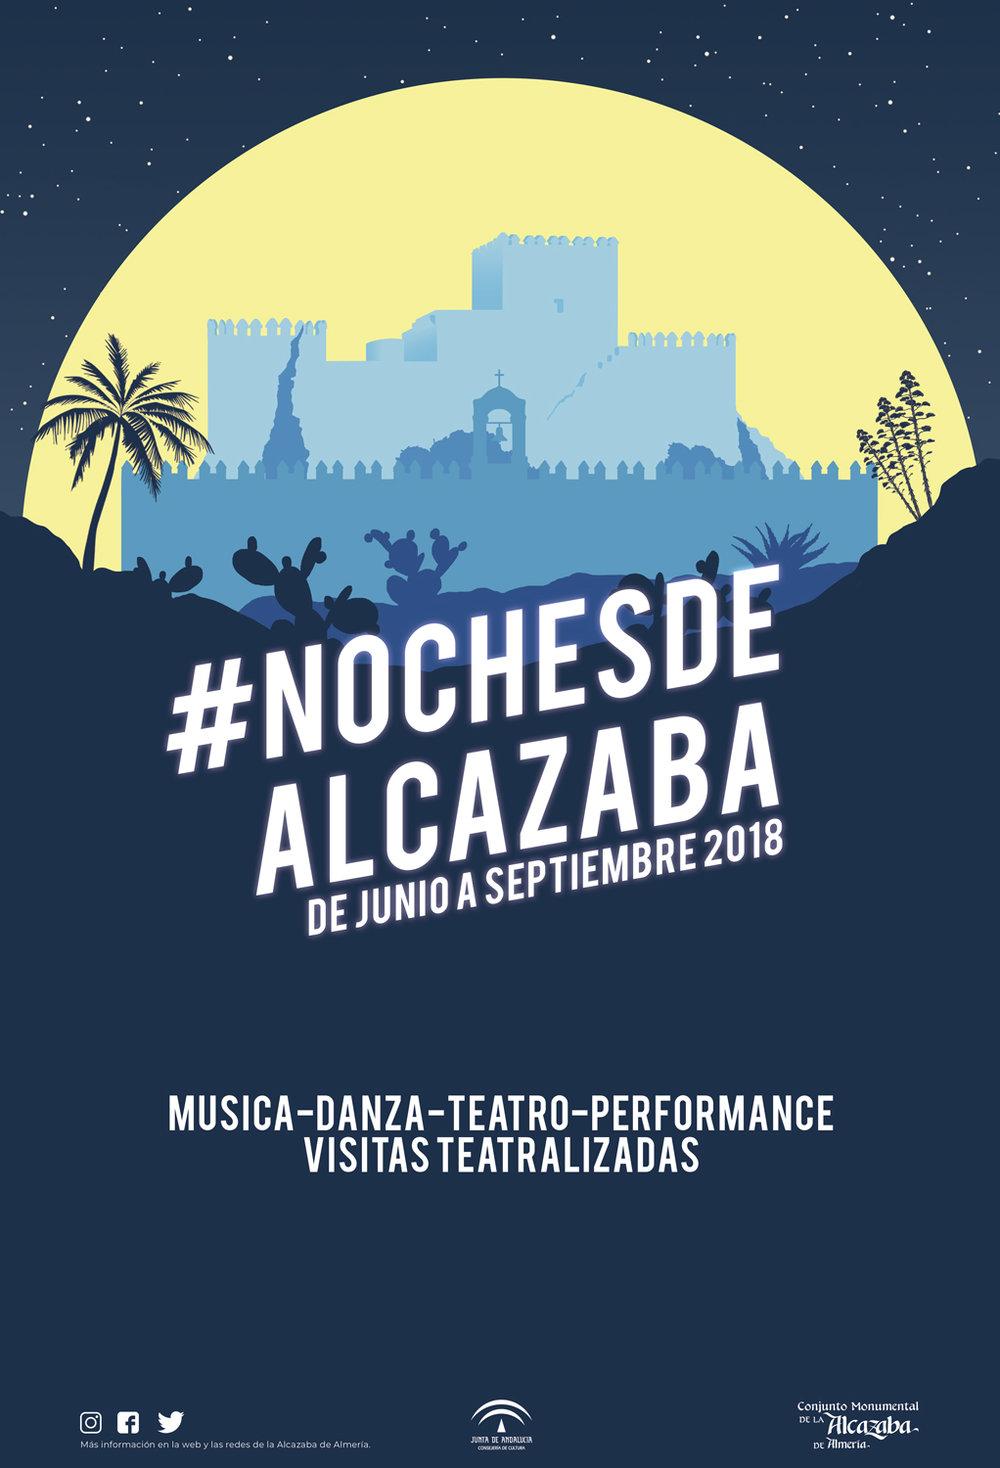 Alcazaba_final.jpg